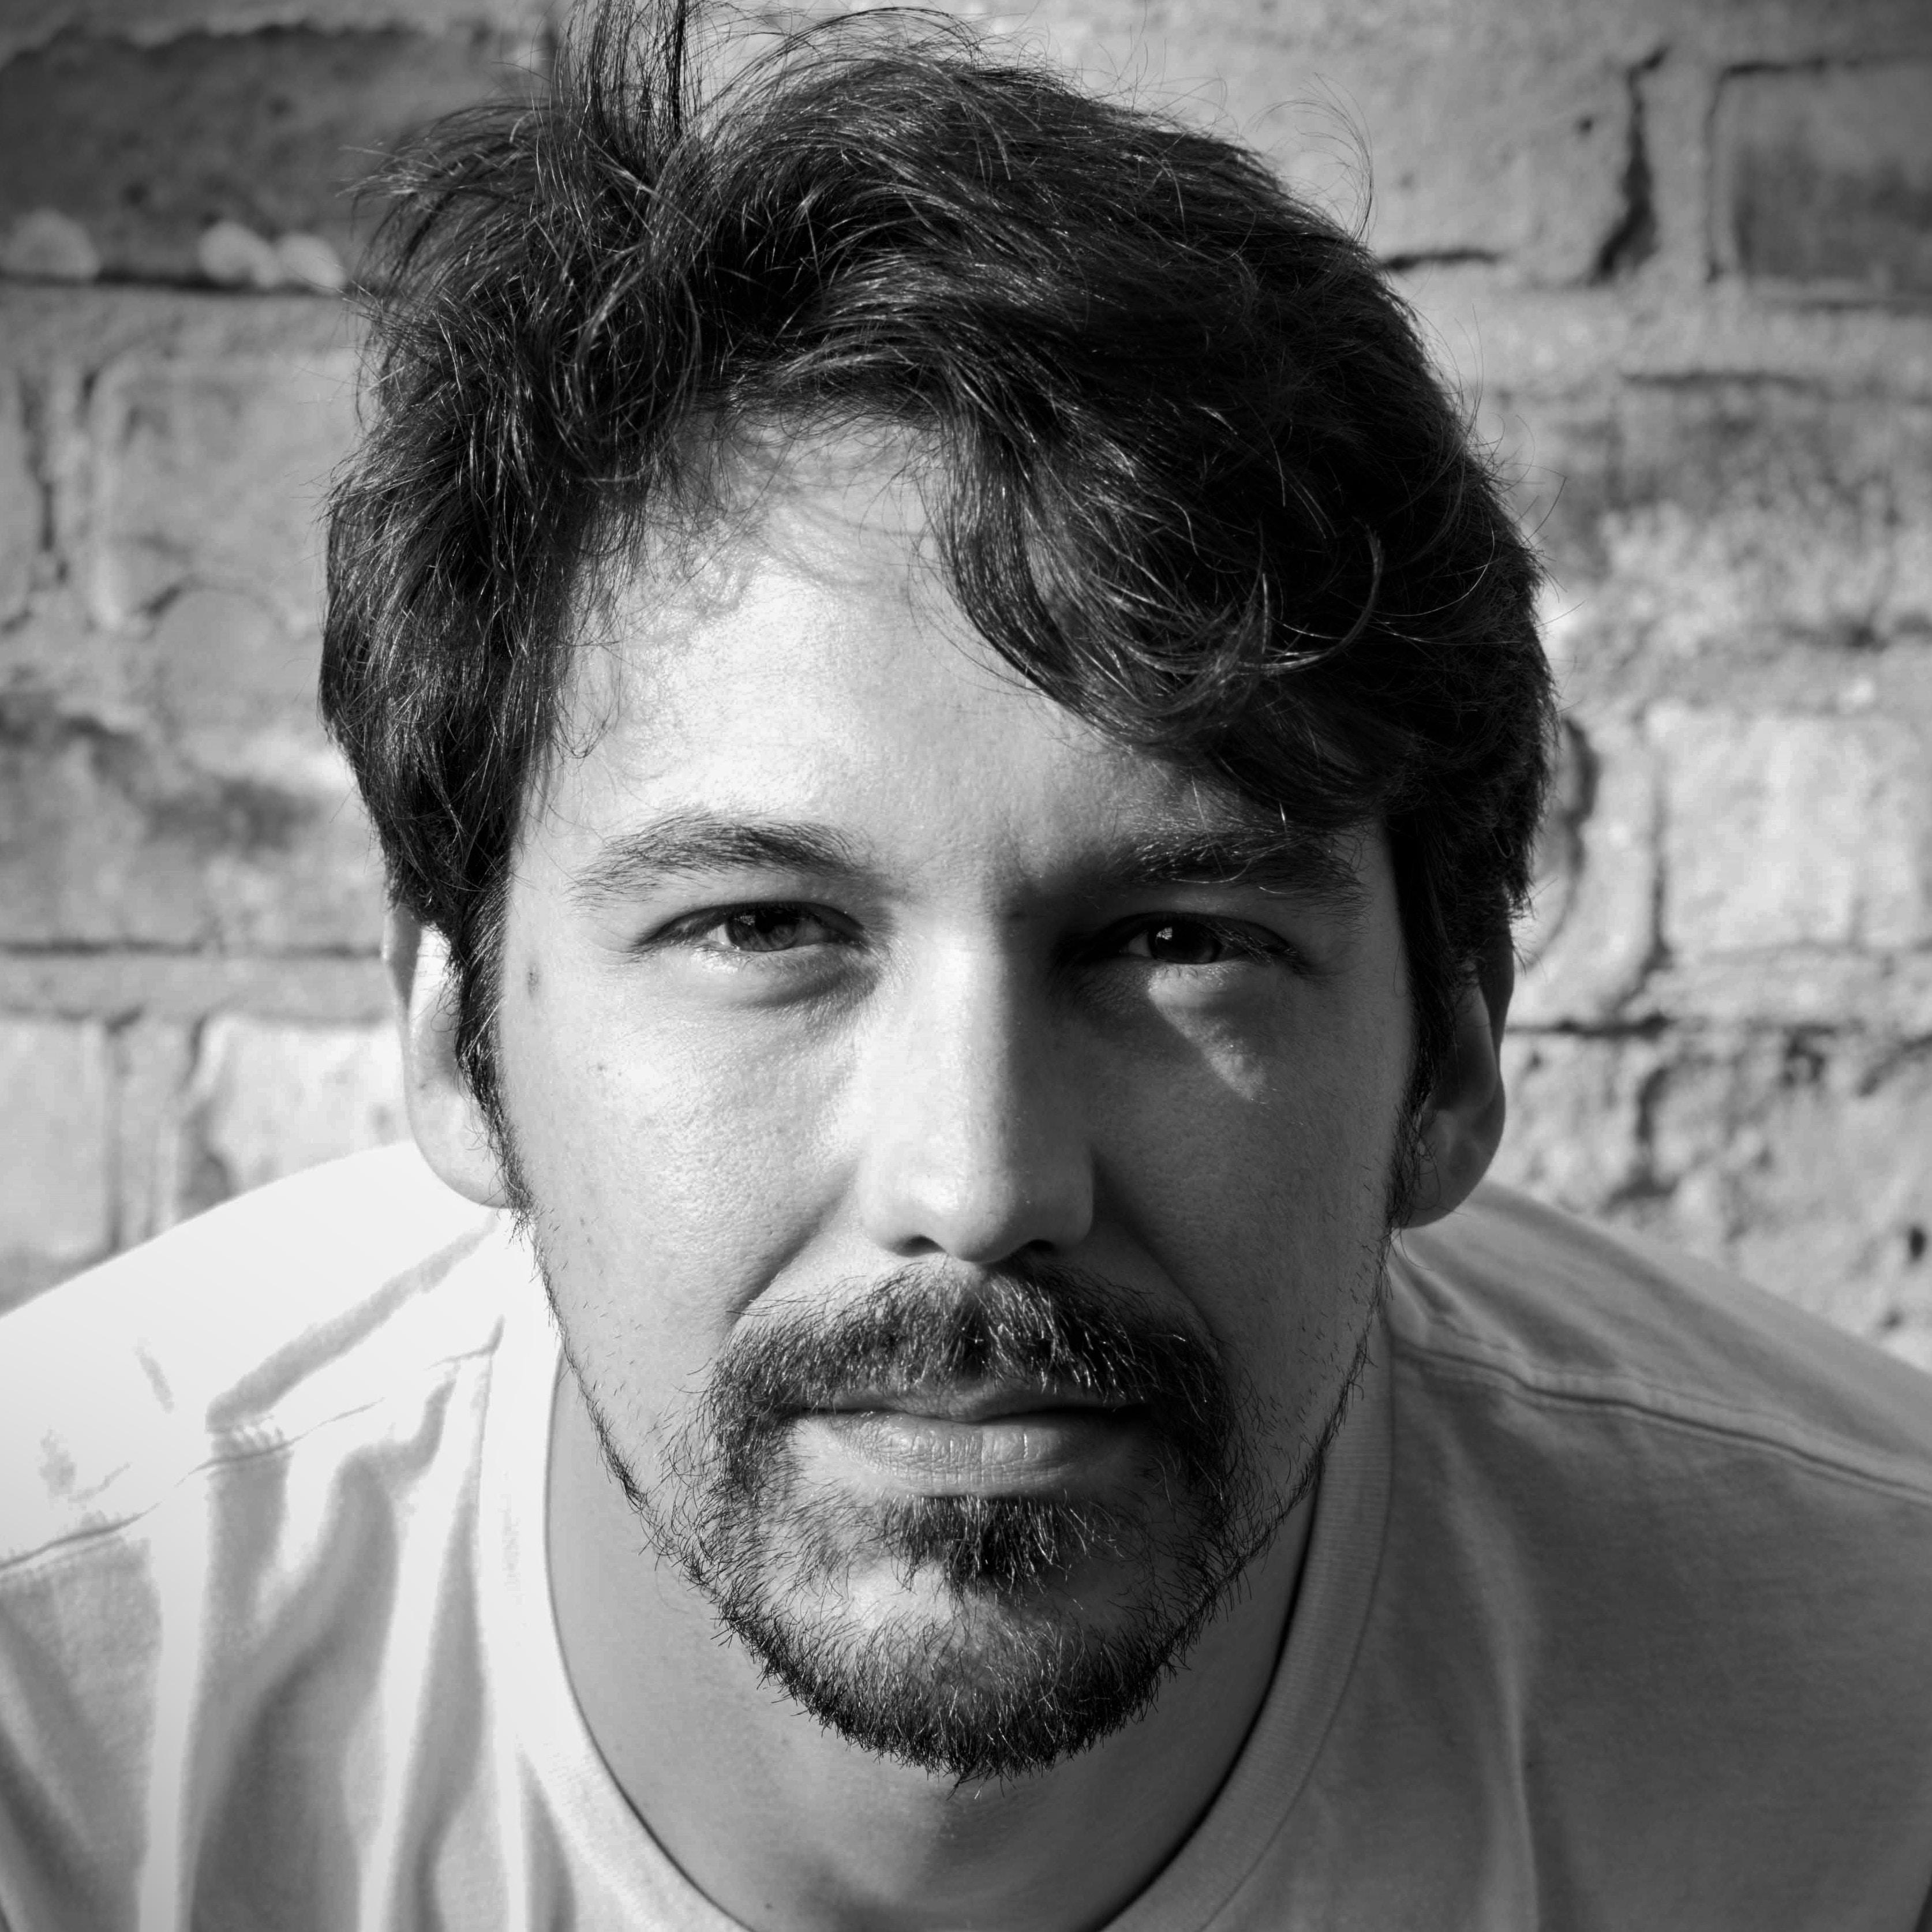 Inacio Vieira